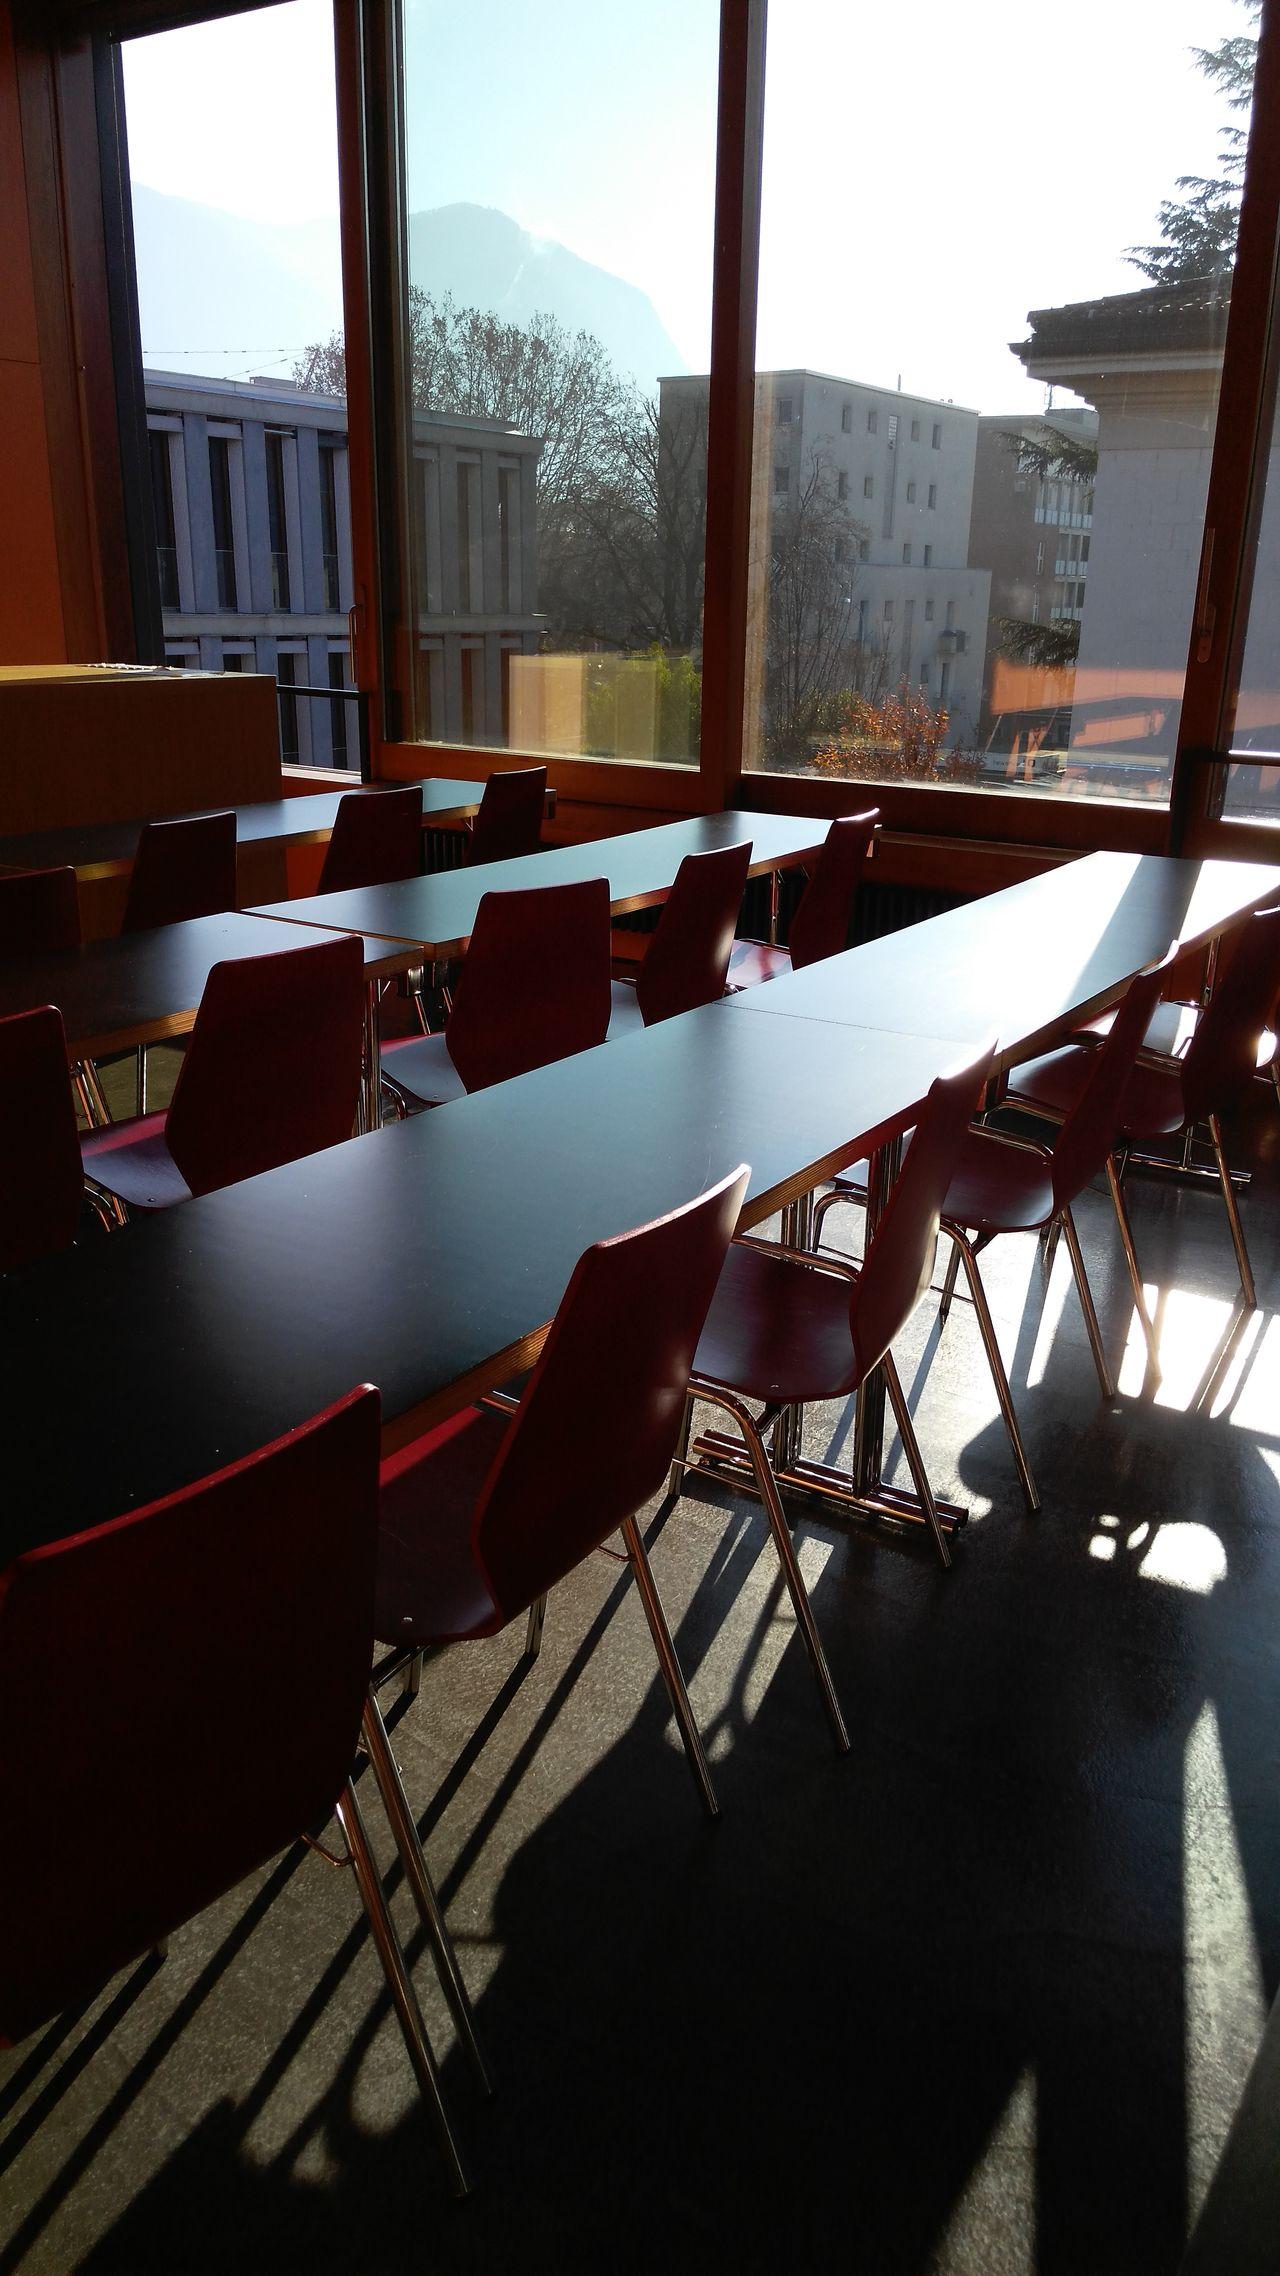 Empty class room in university School Room Class Students Study School University Study